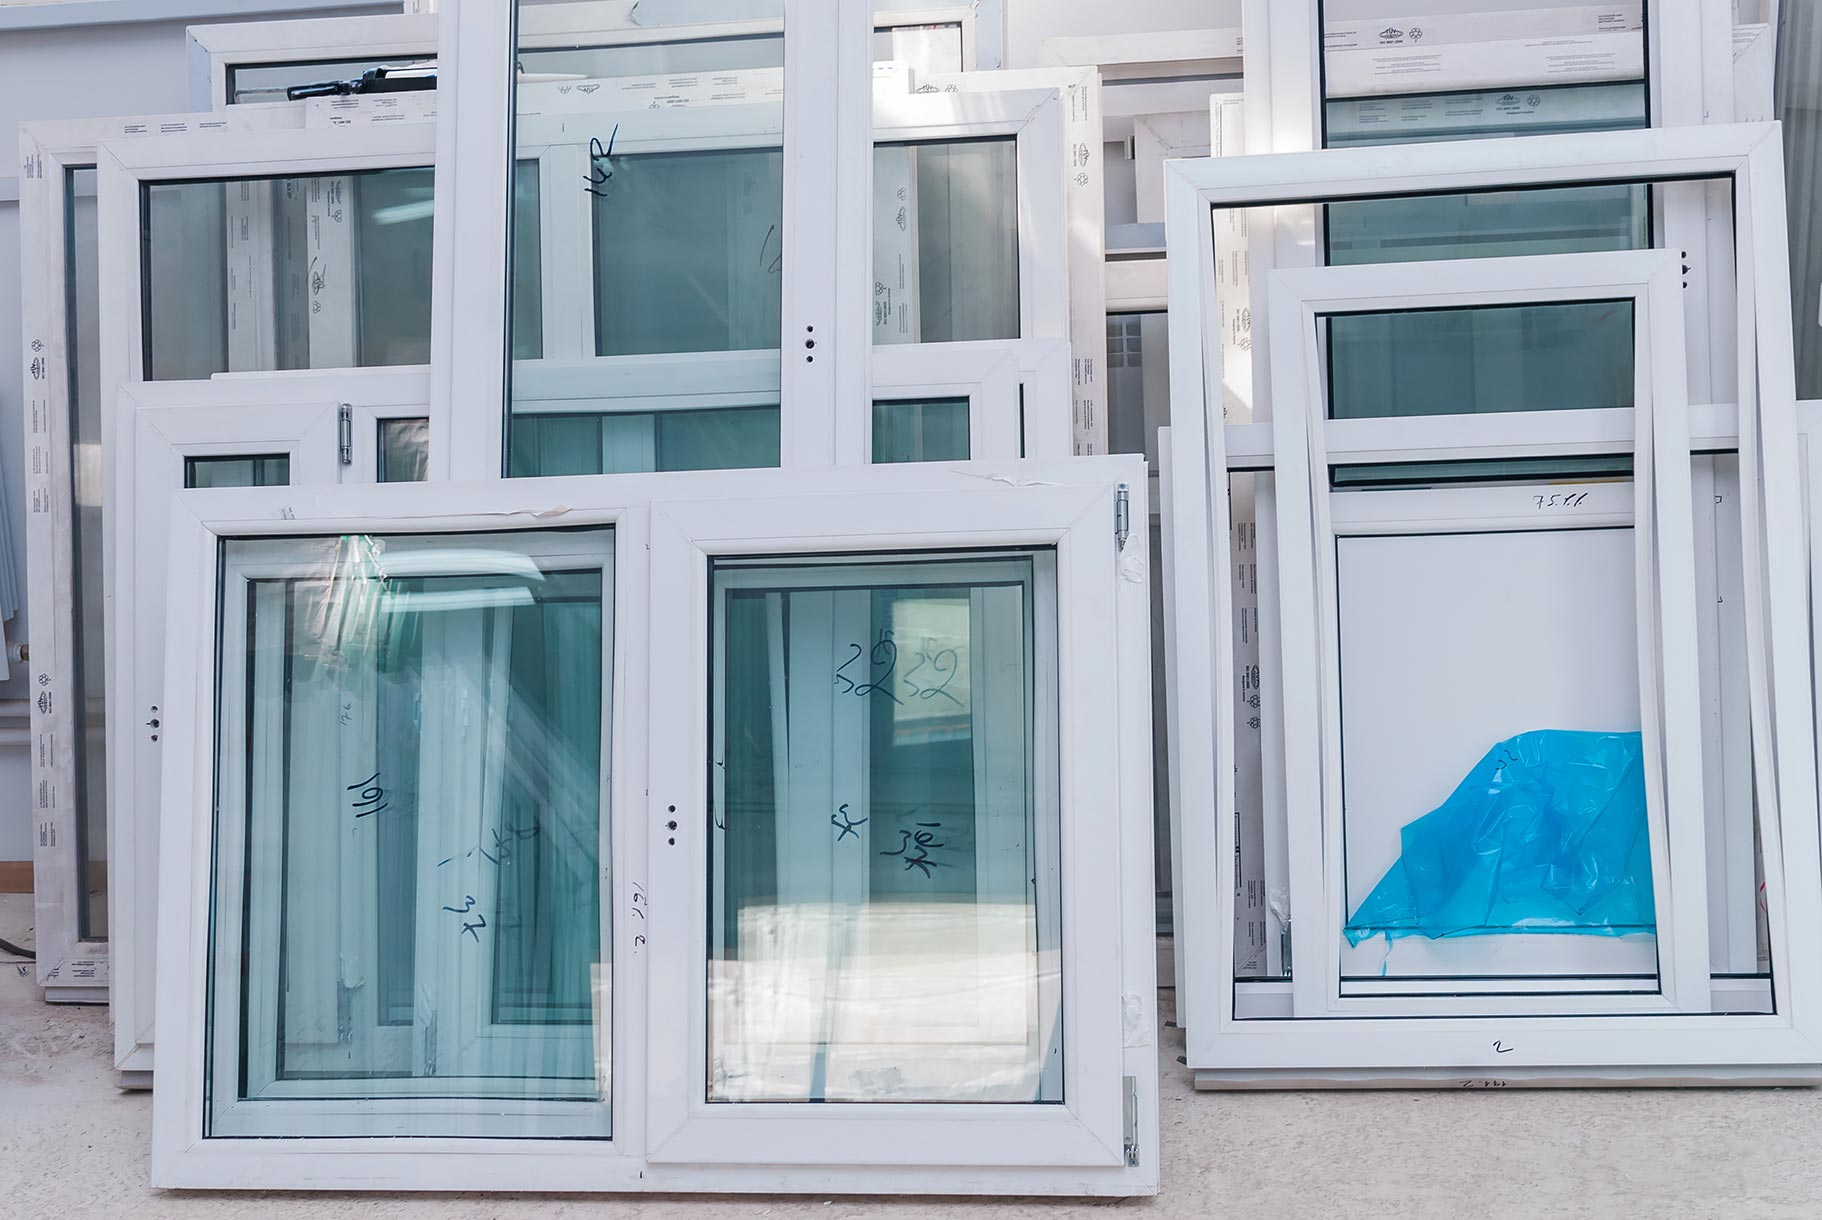 Bei hochwertigen Fenstern aus Kunststoff ist nicht nur das Profil ausschlaggebend für die Qualität. Auch Glas und Beschläge spielen eine Rolle.